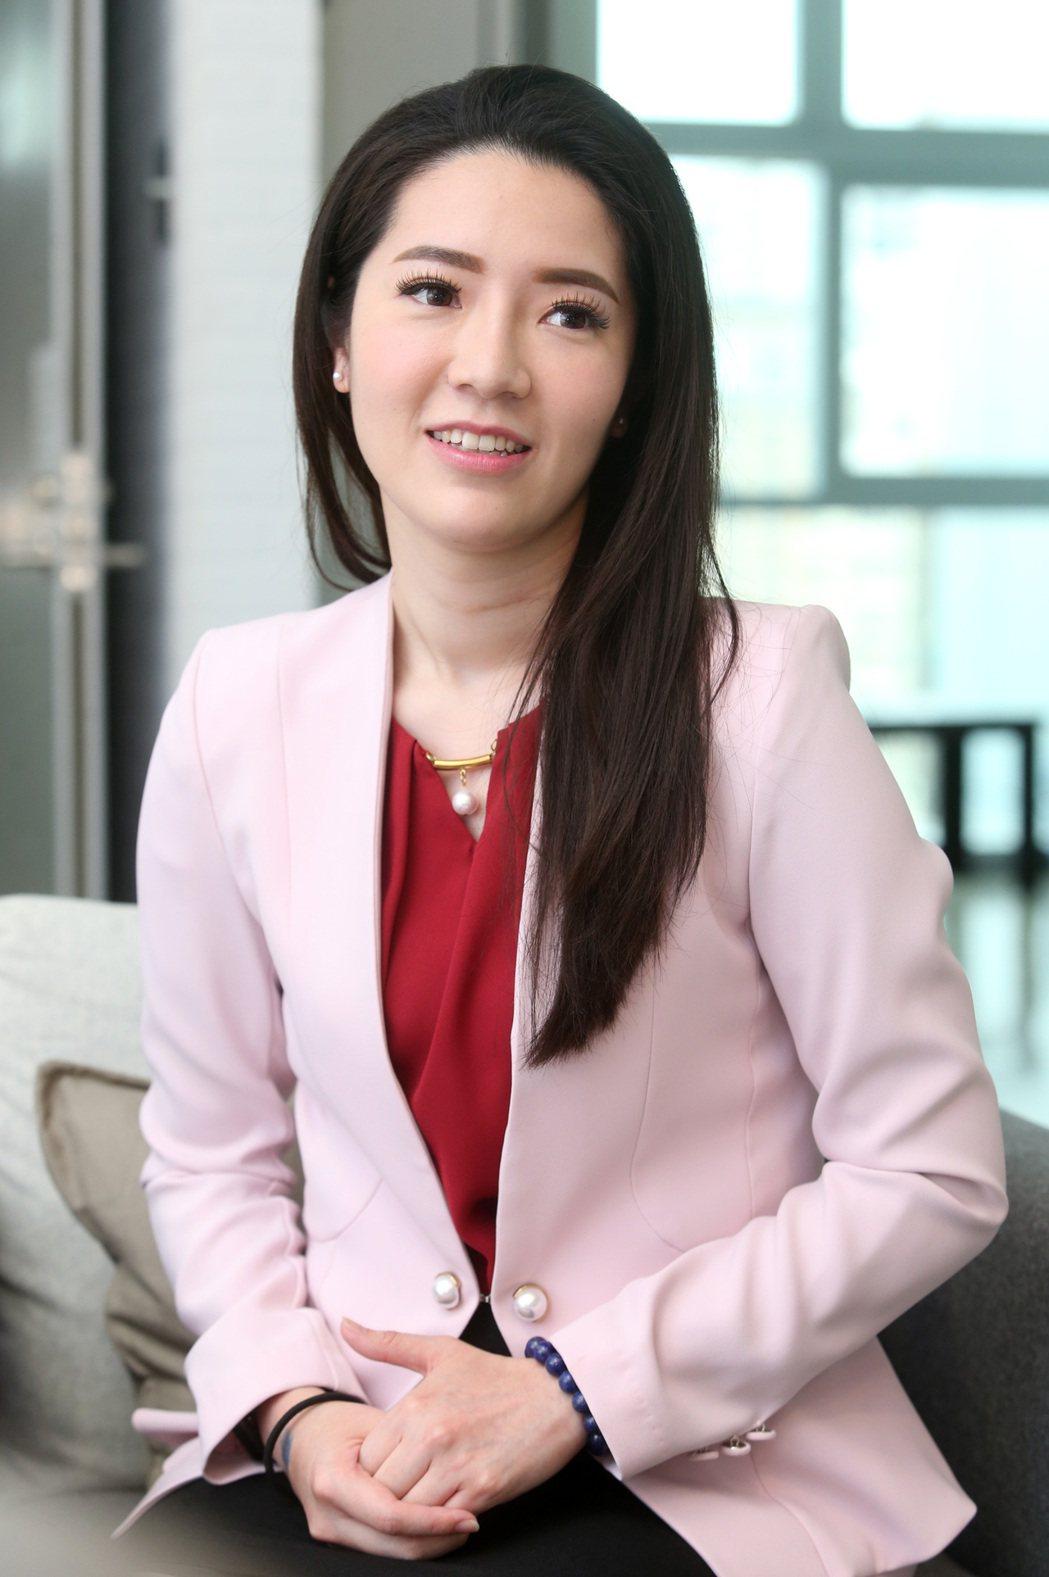 民視主播李昱禎擁有高學歷。記者胡經周/攝影